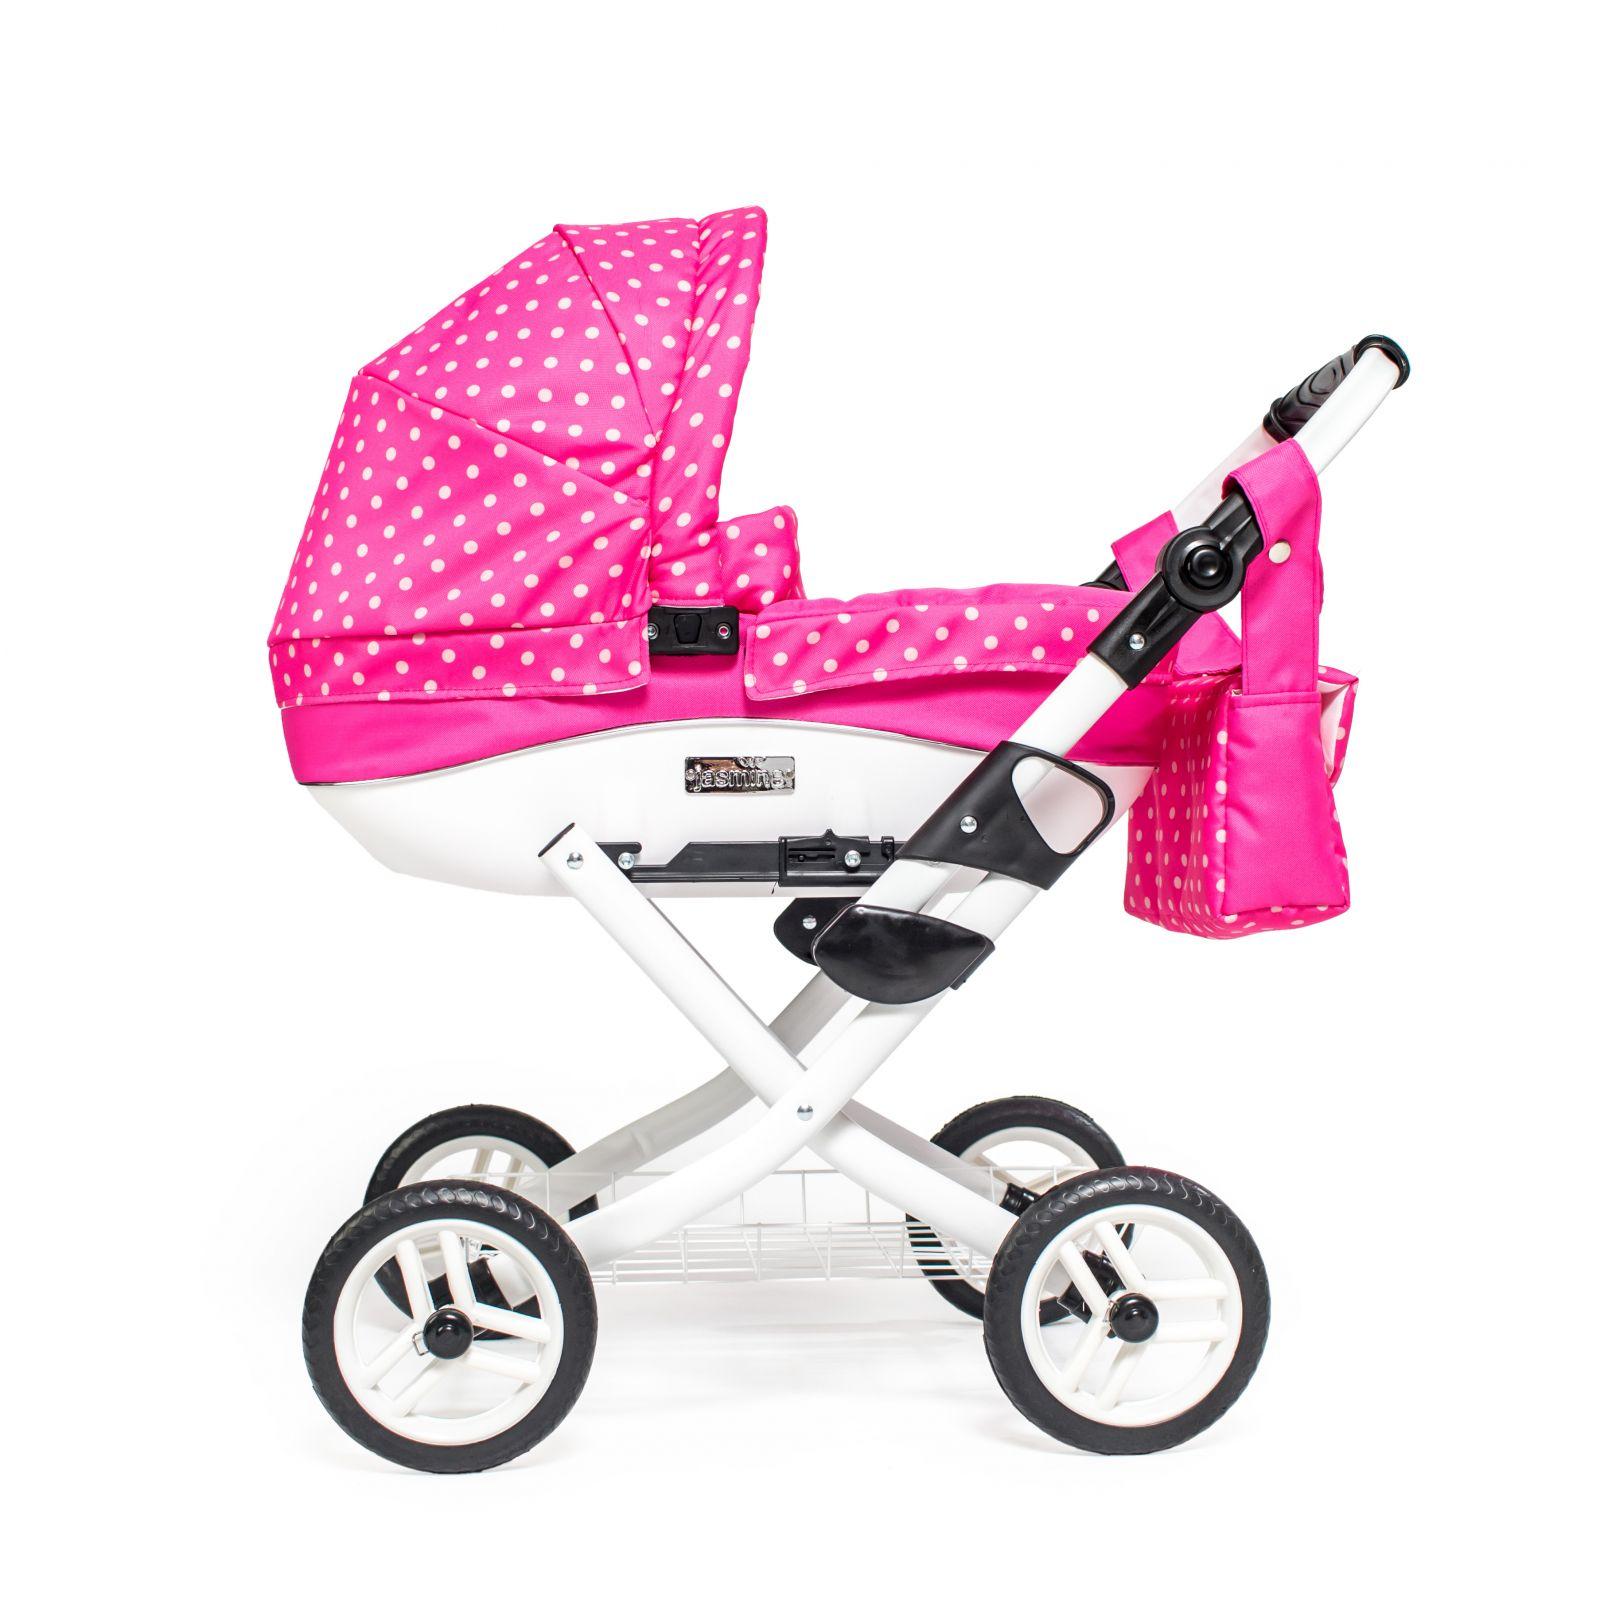 Dětský kočárek pro panenku JASMINE Kids K9 růžový puntík